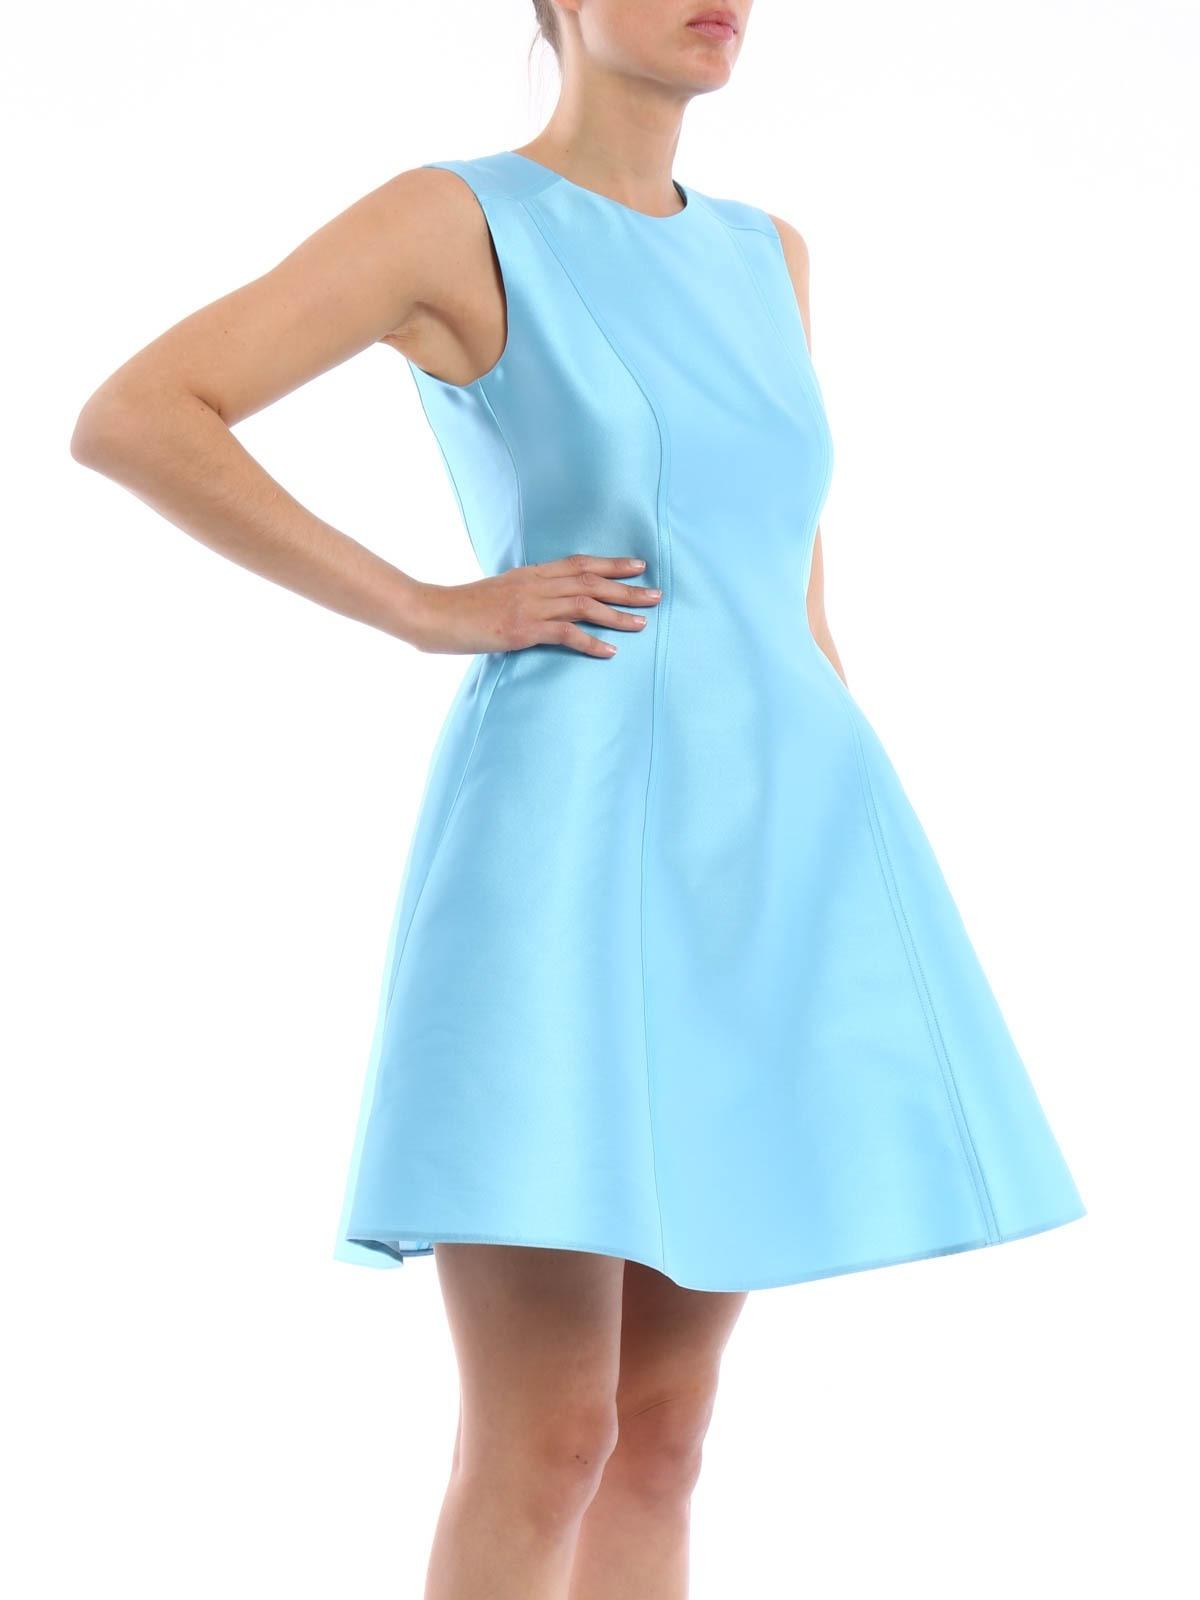 13 Genial Kleid Mit Glockenrock Vertrieb15 Top Kleid Mit Glockenrock Ärmel